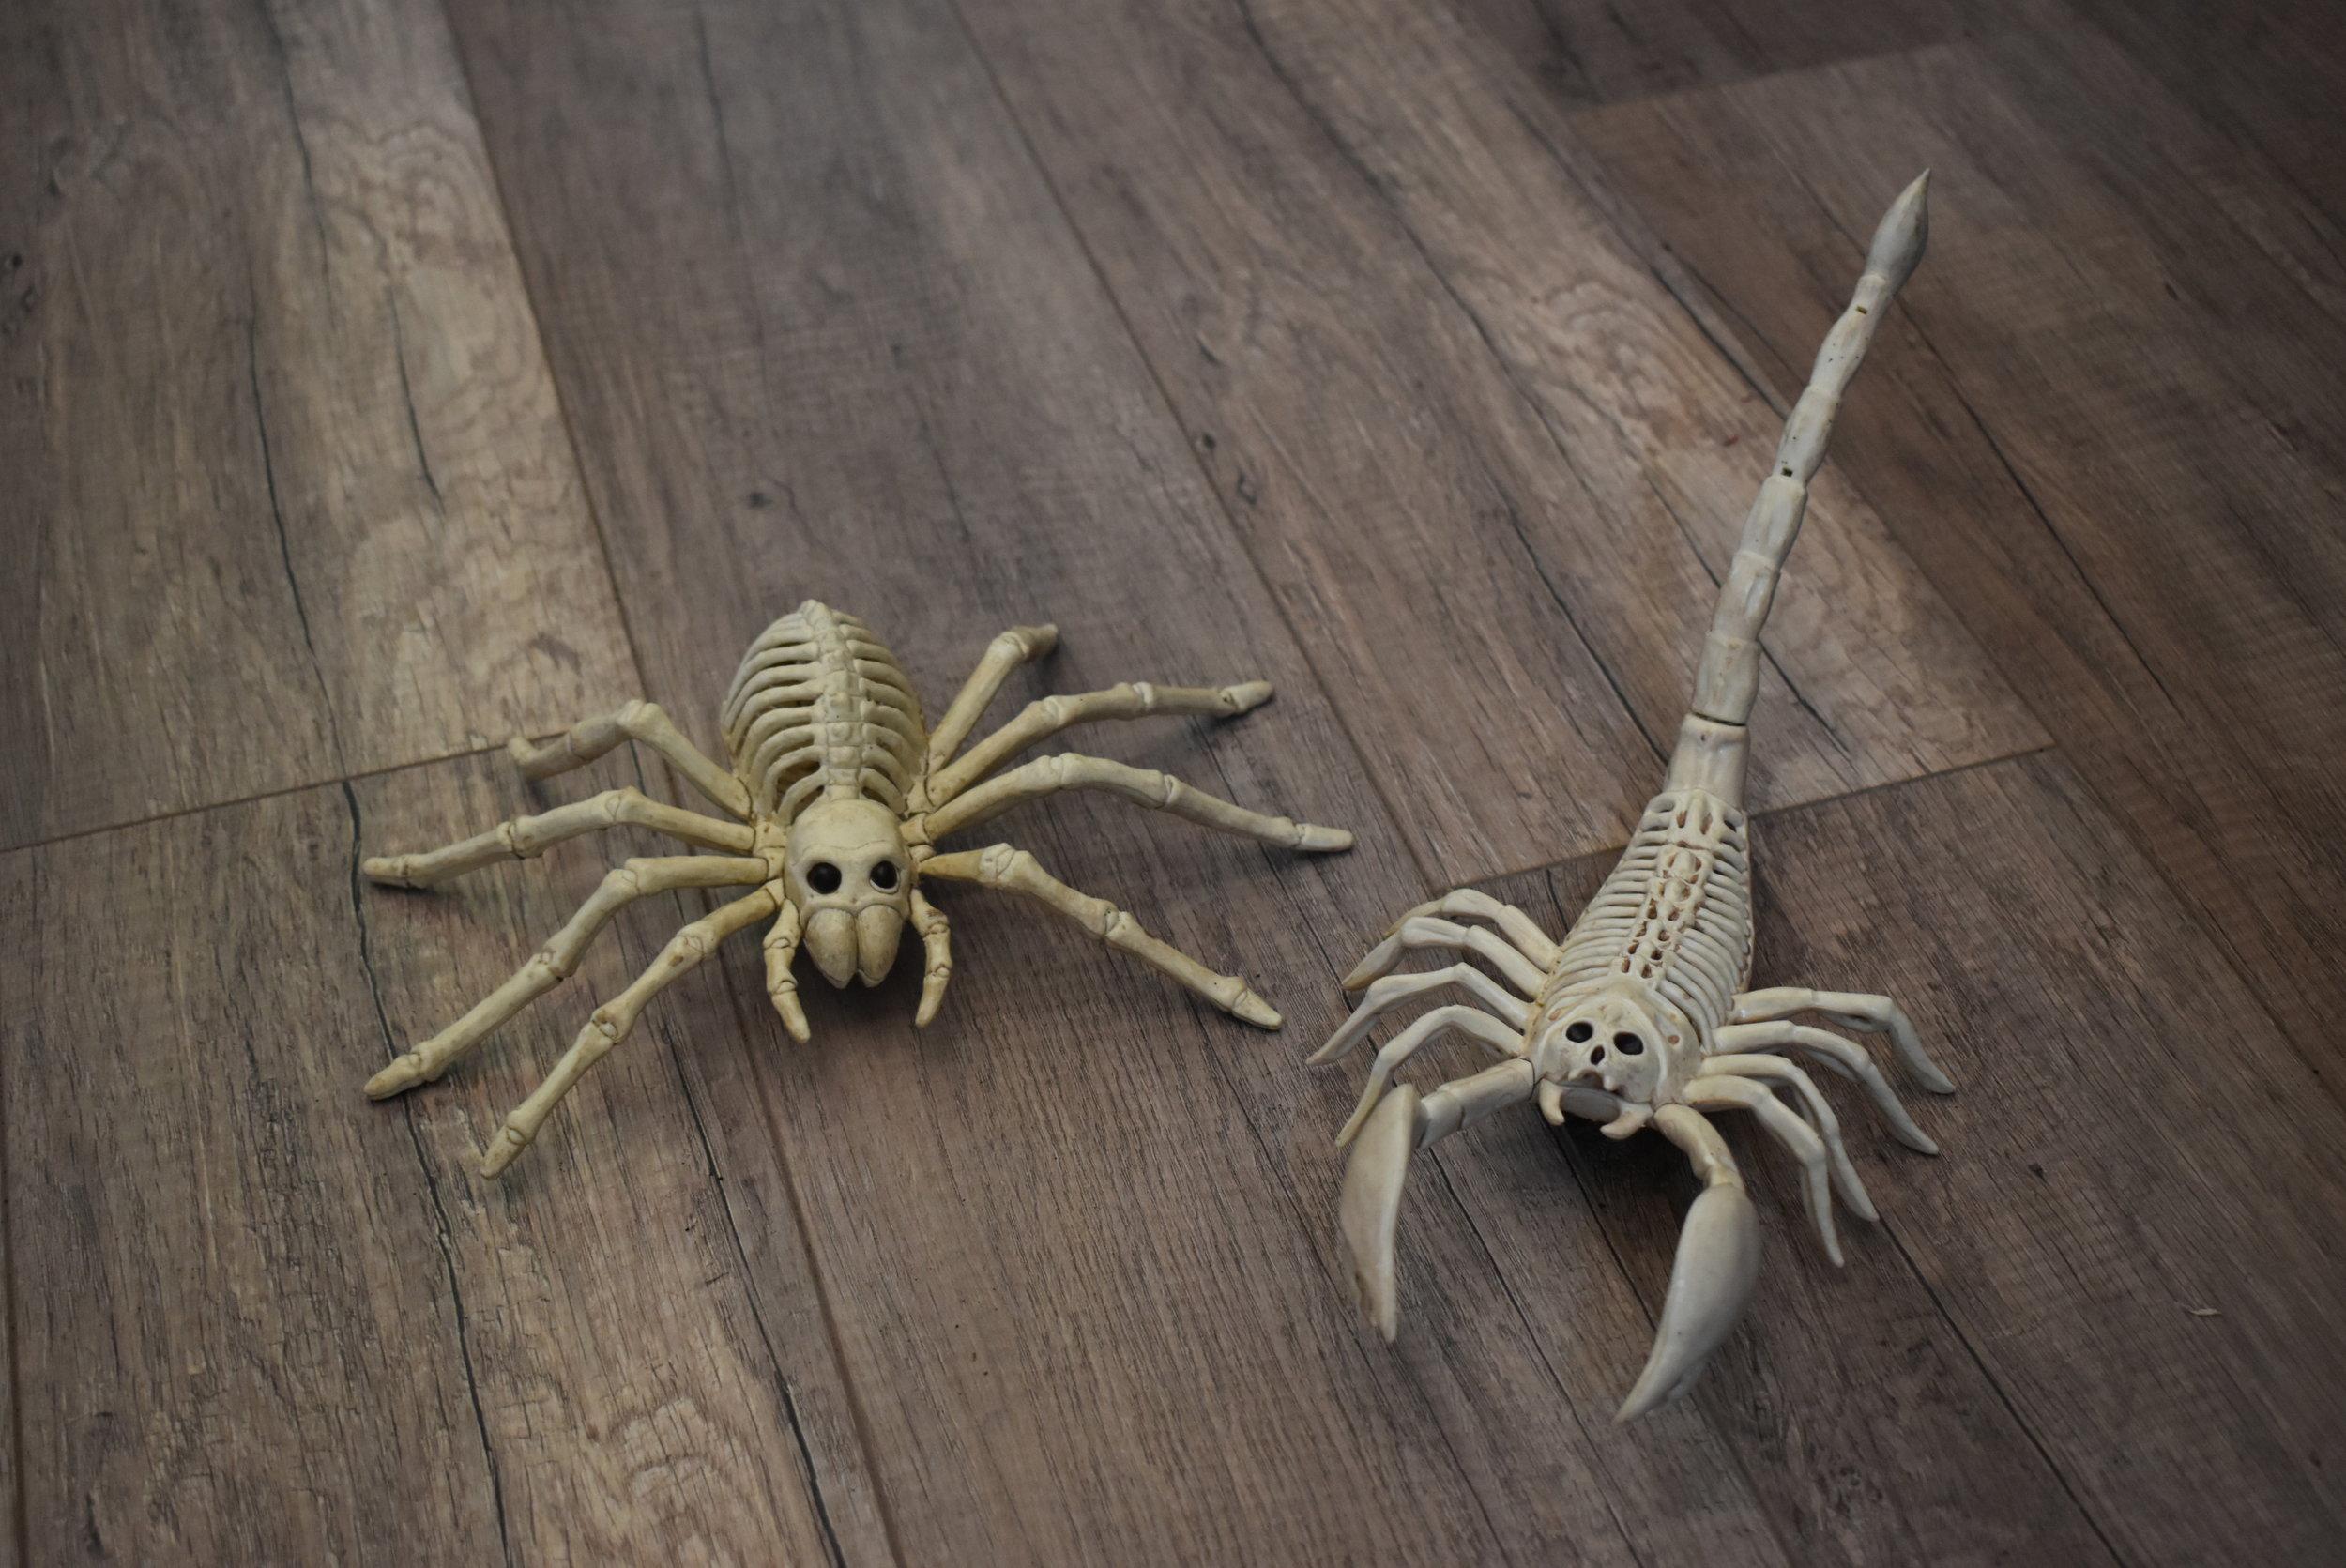 Spider & Scorpian